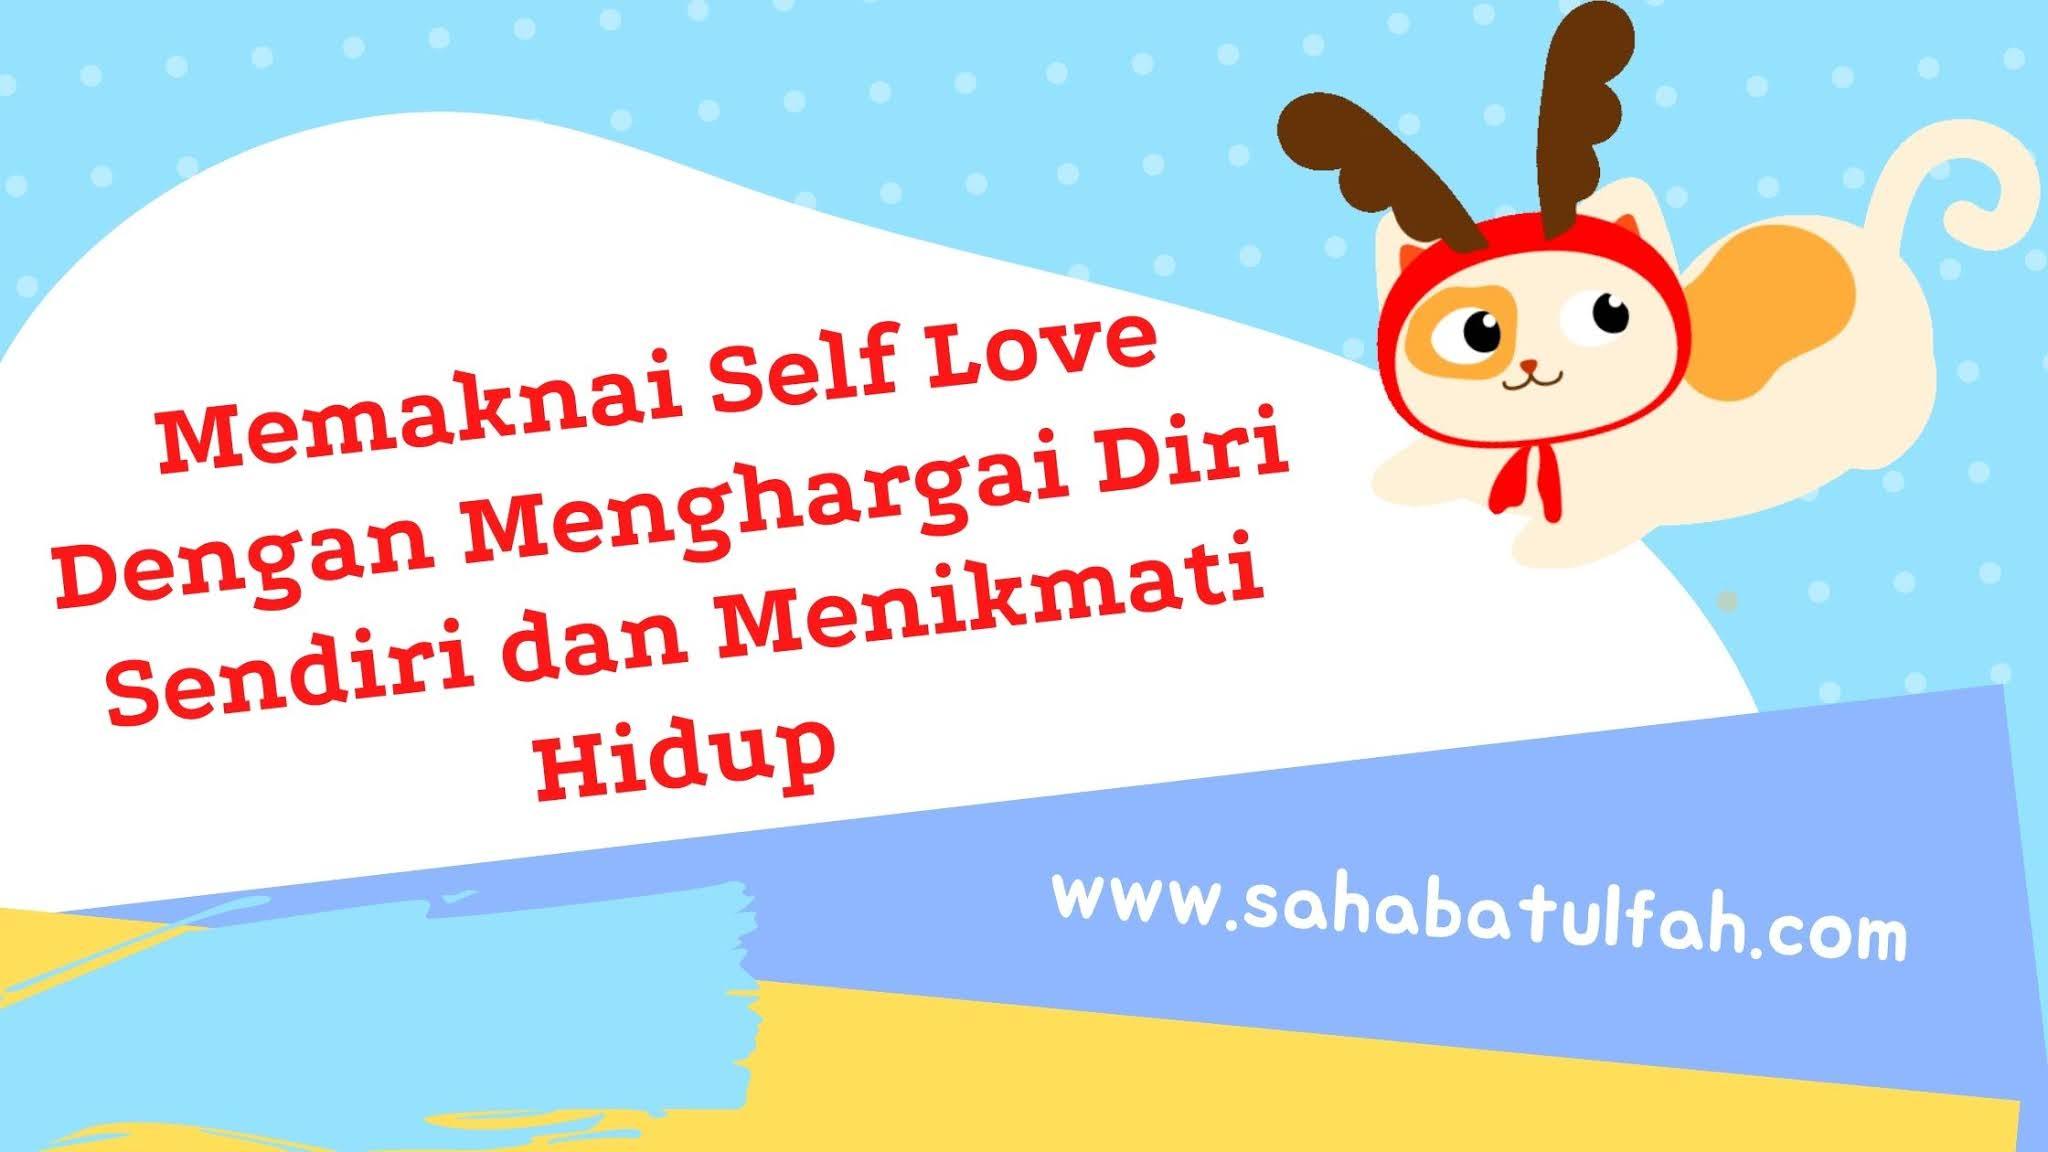 Self-Love-Sahabatulfah